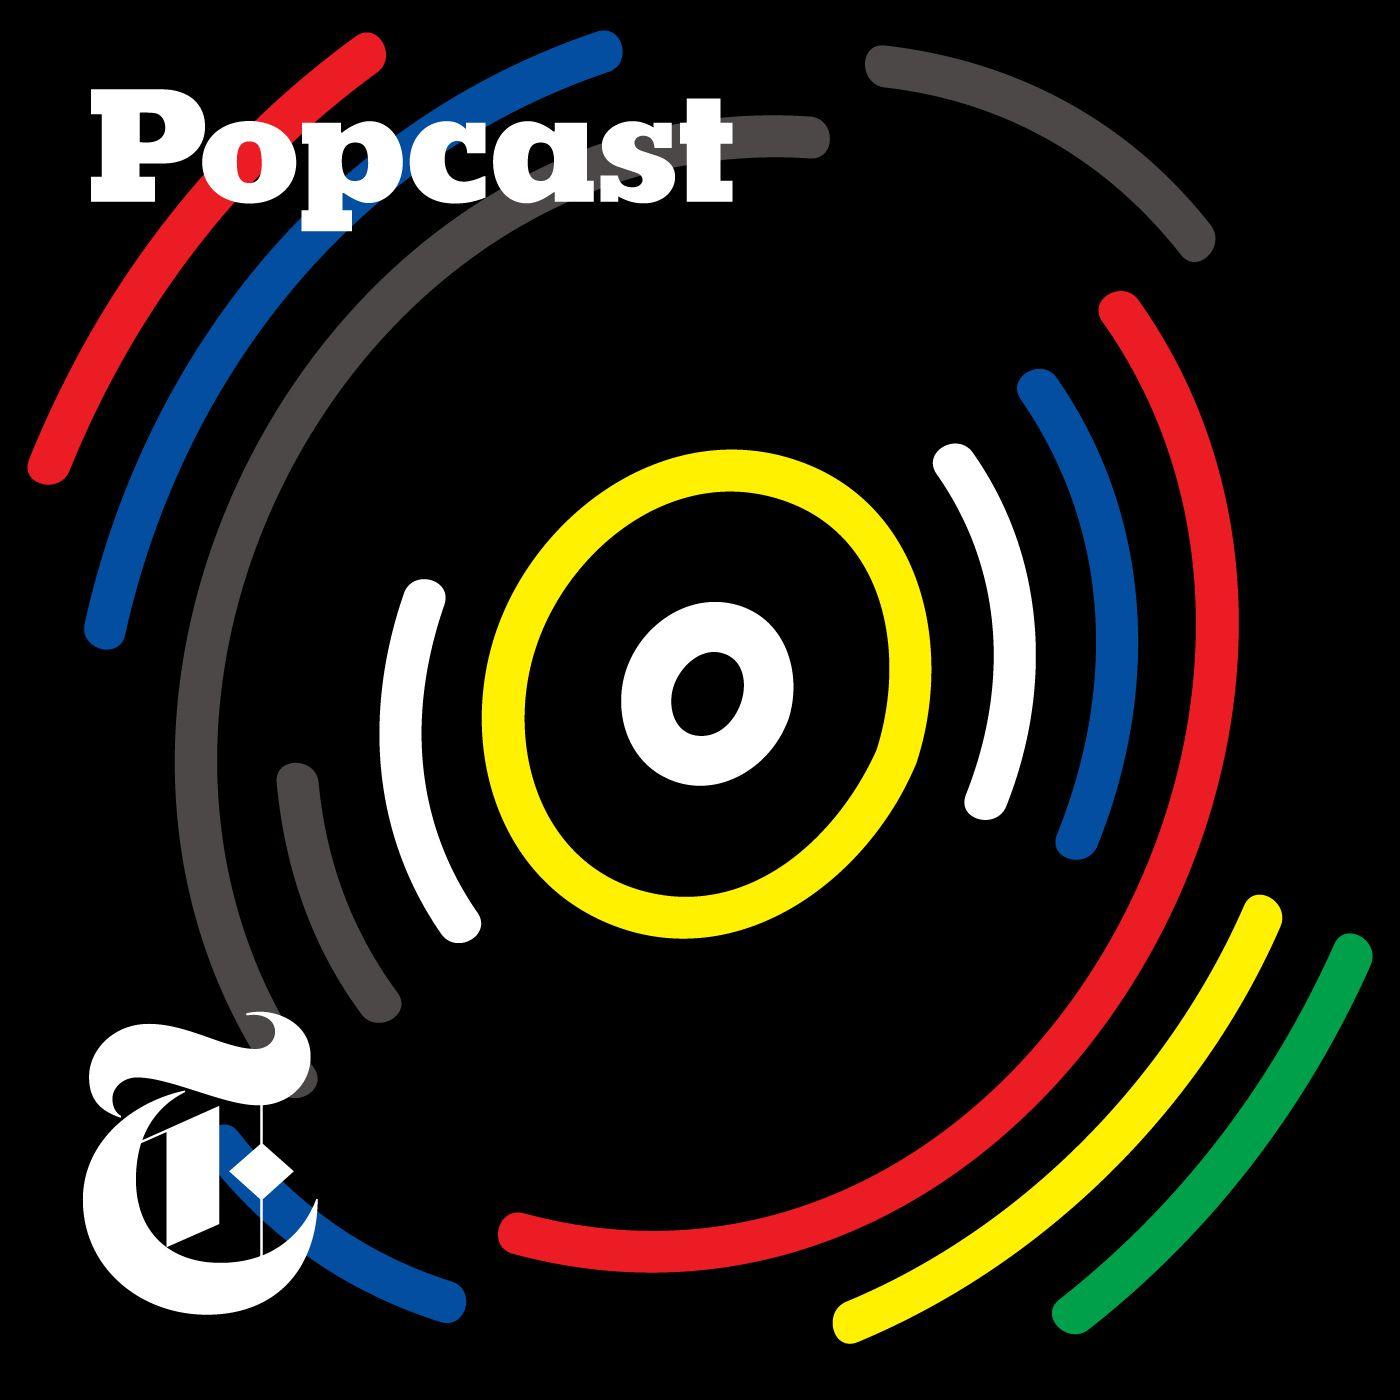 Popcast podcast